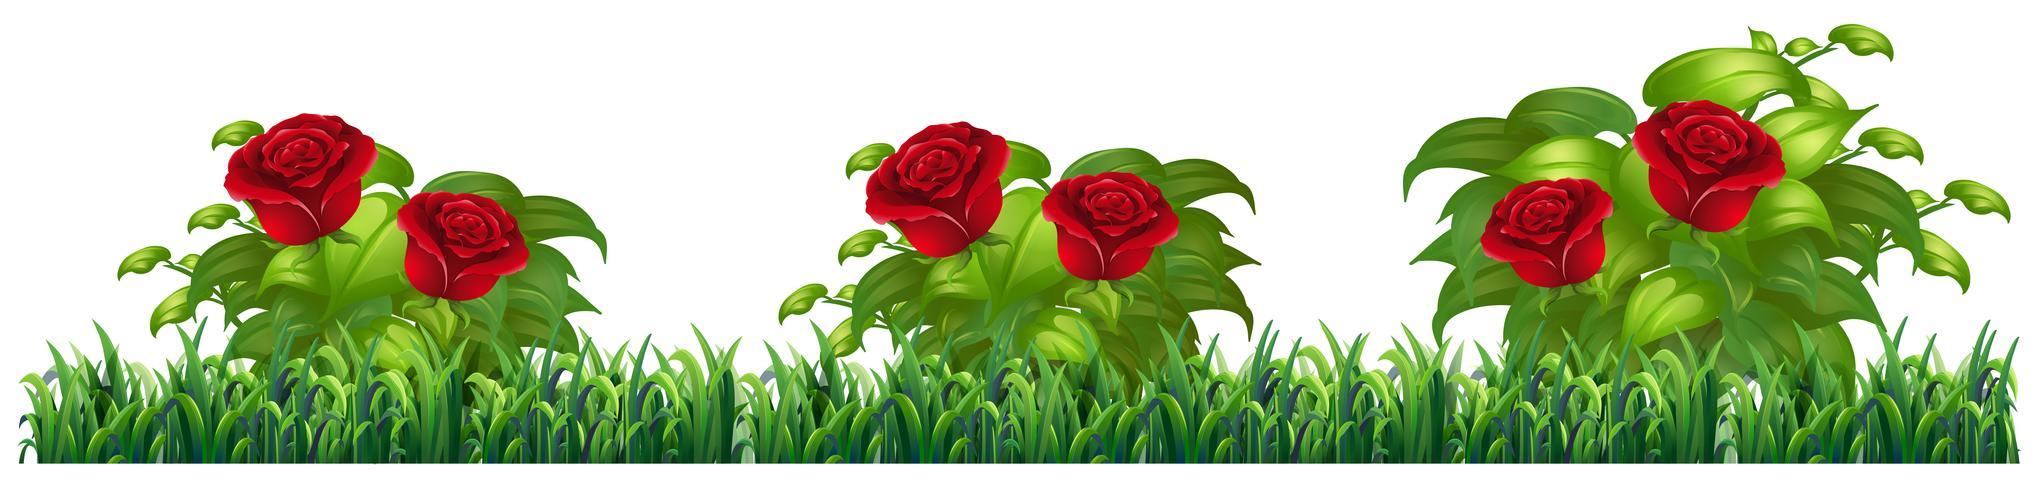 Planta de rosa aislada para decorar. vector